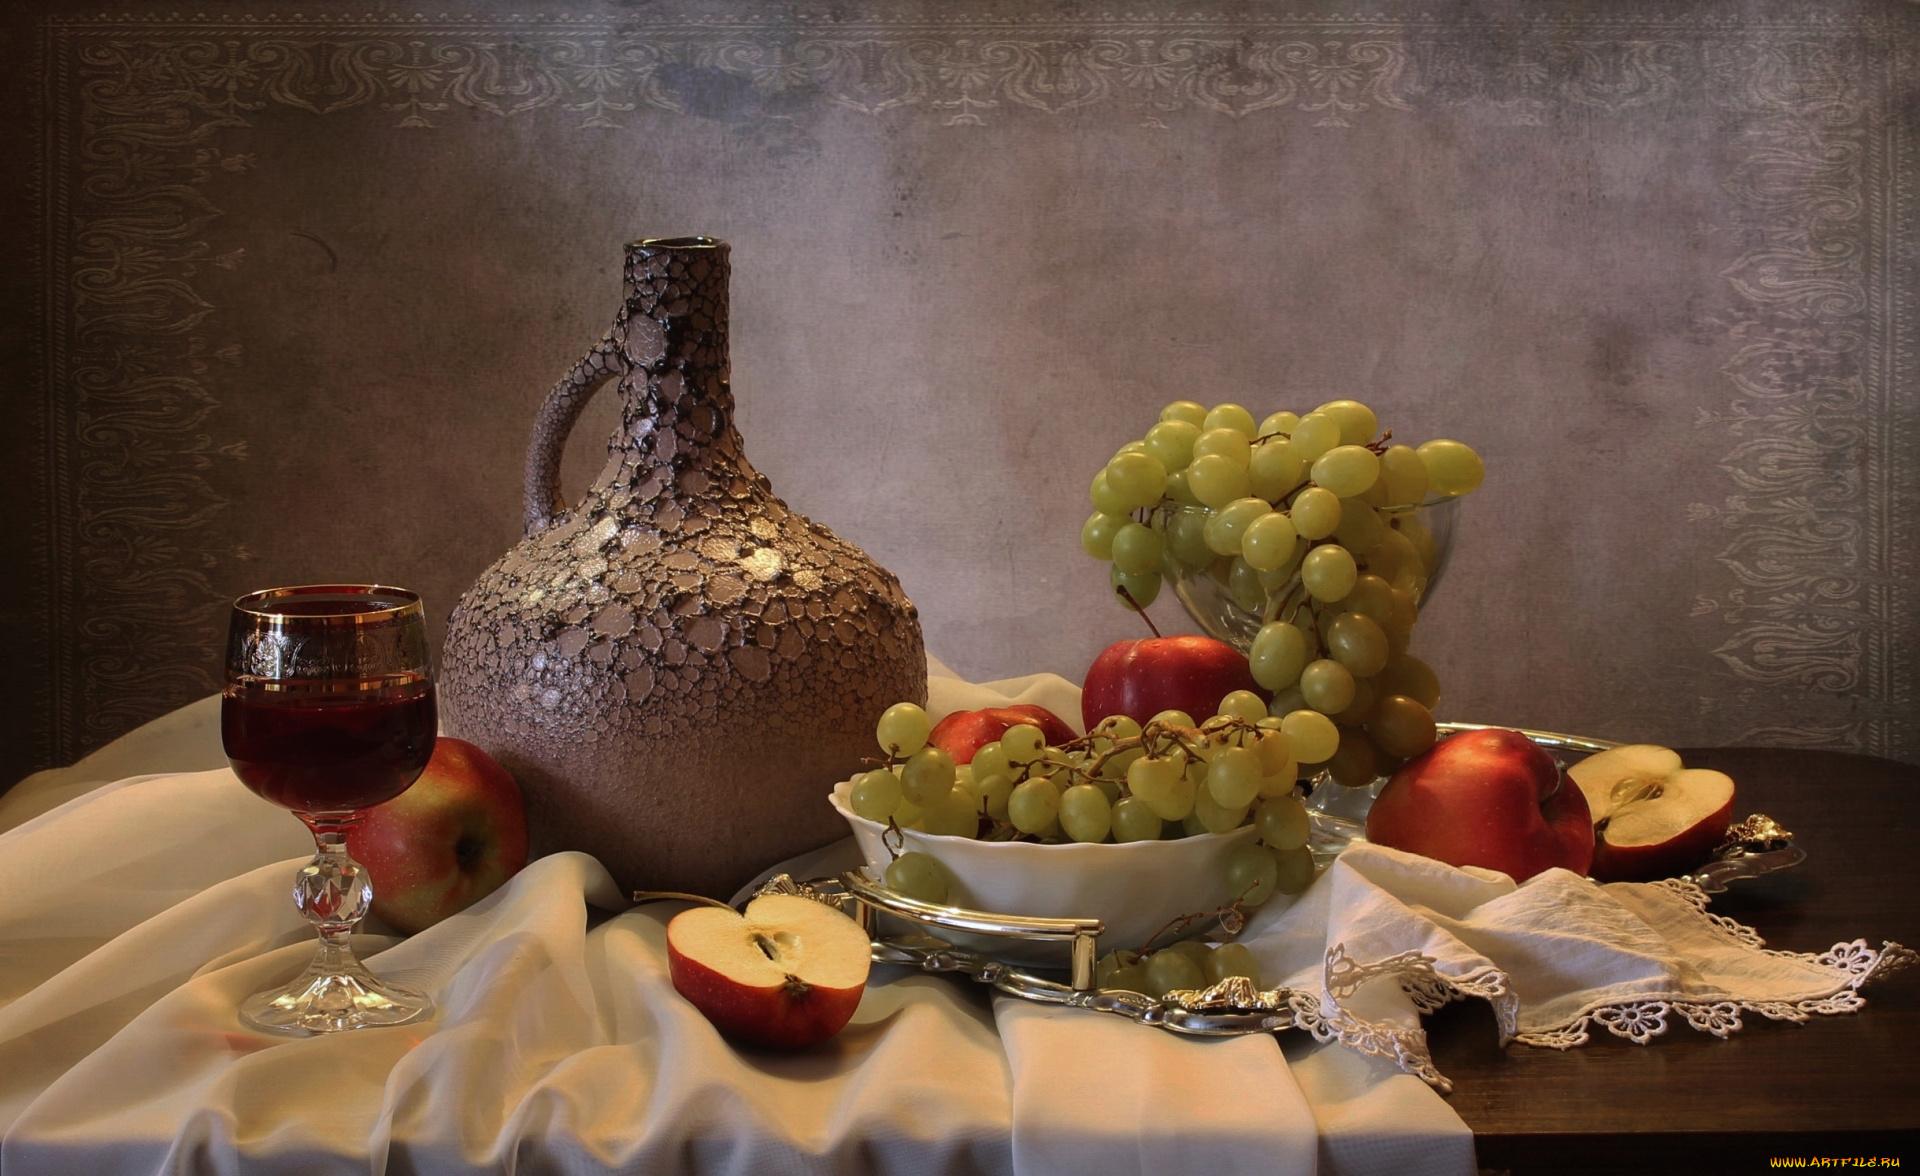 Лет, картинки натюрморты с фруктами и вином